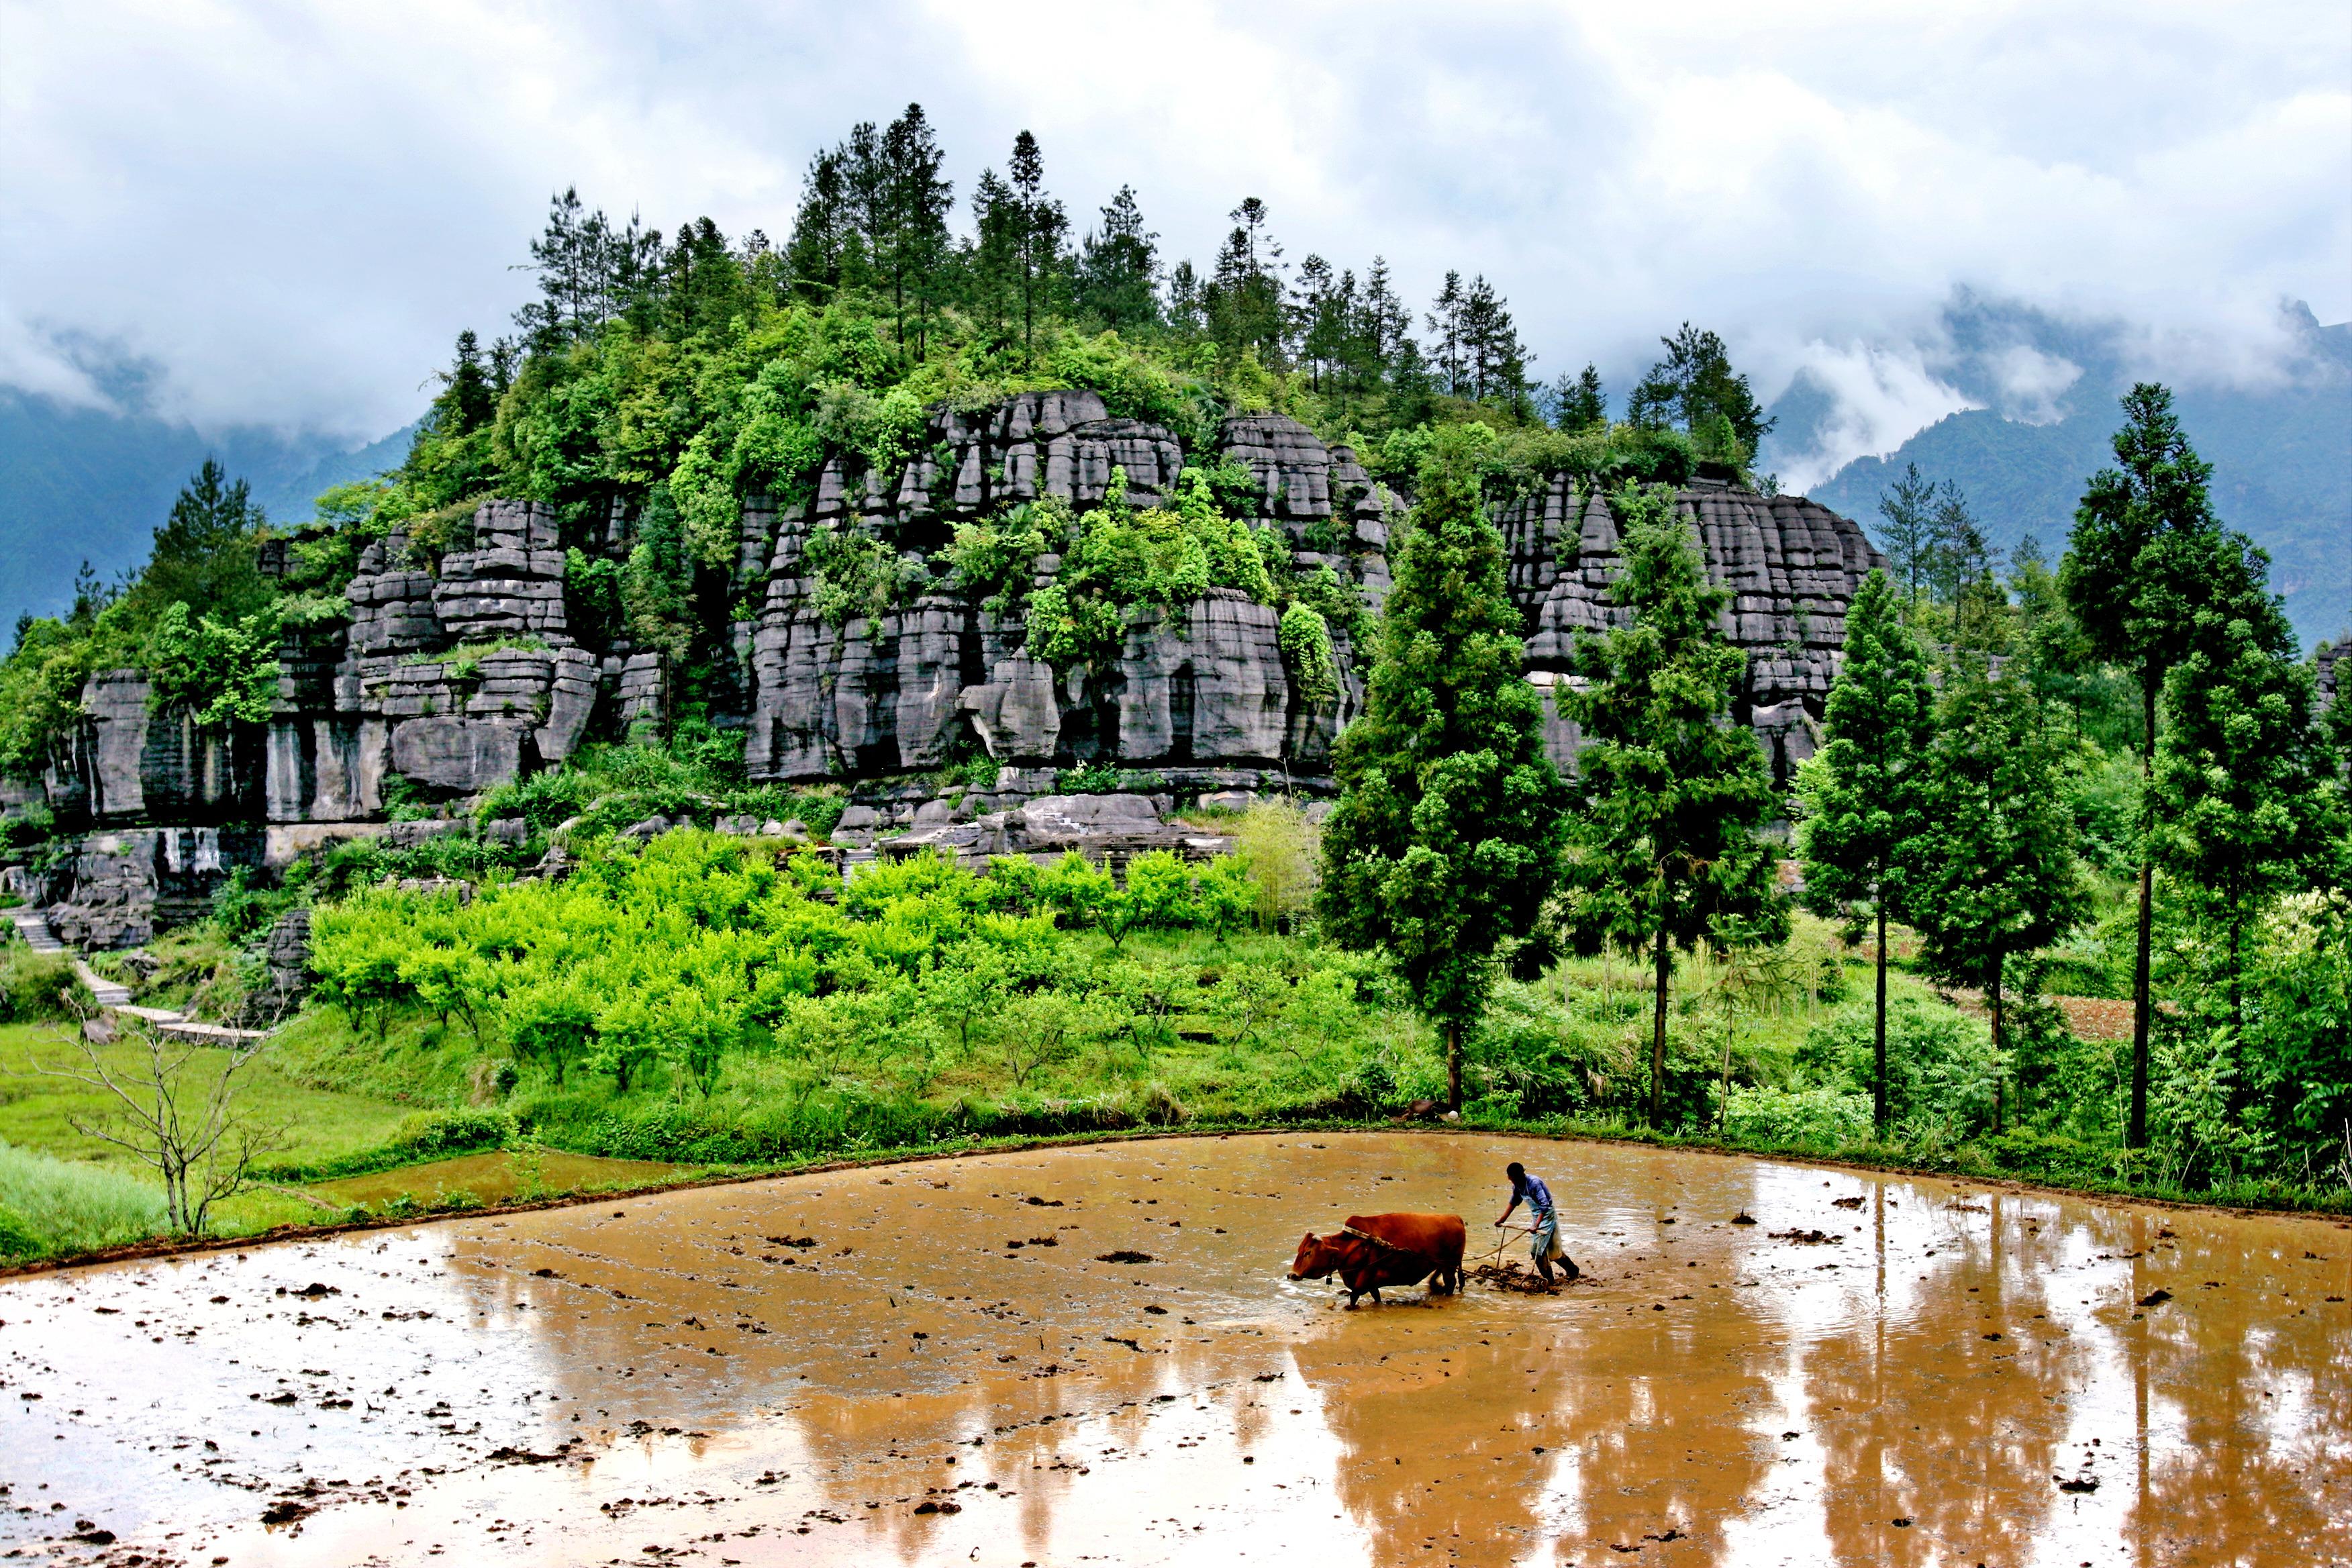 湖北地方资讯 > 正文   梭布垭风景区位于恩施市太阳河乡,距恩施市区5